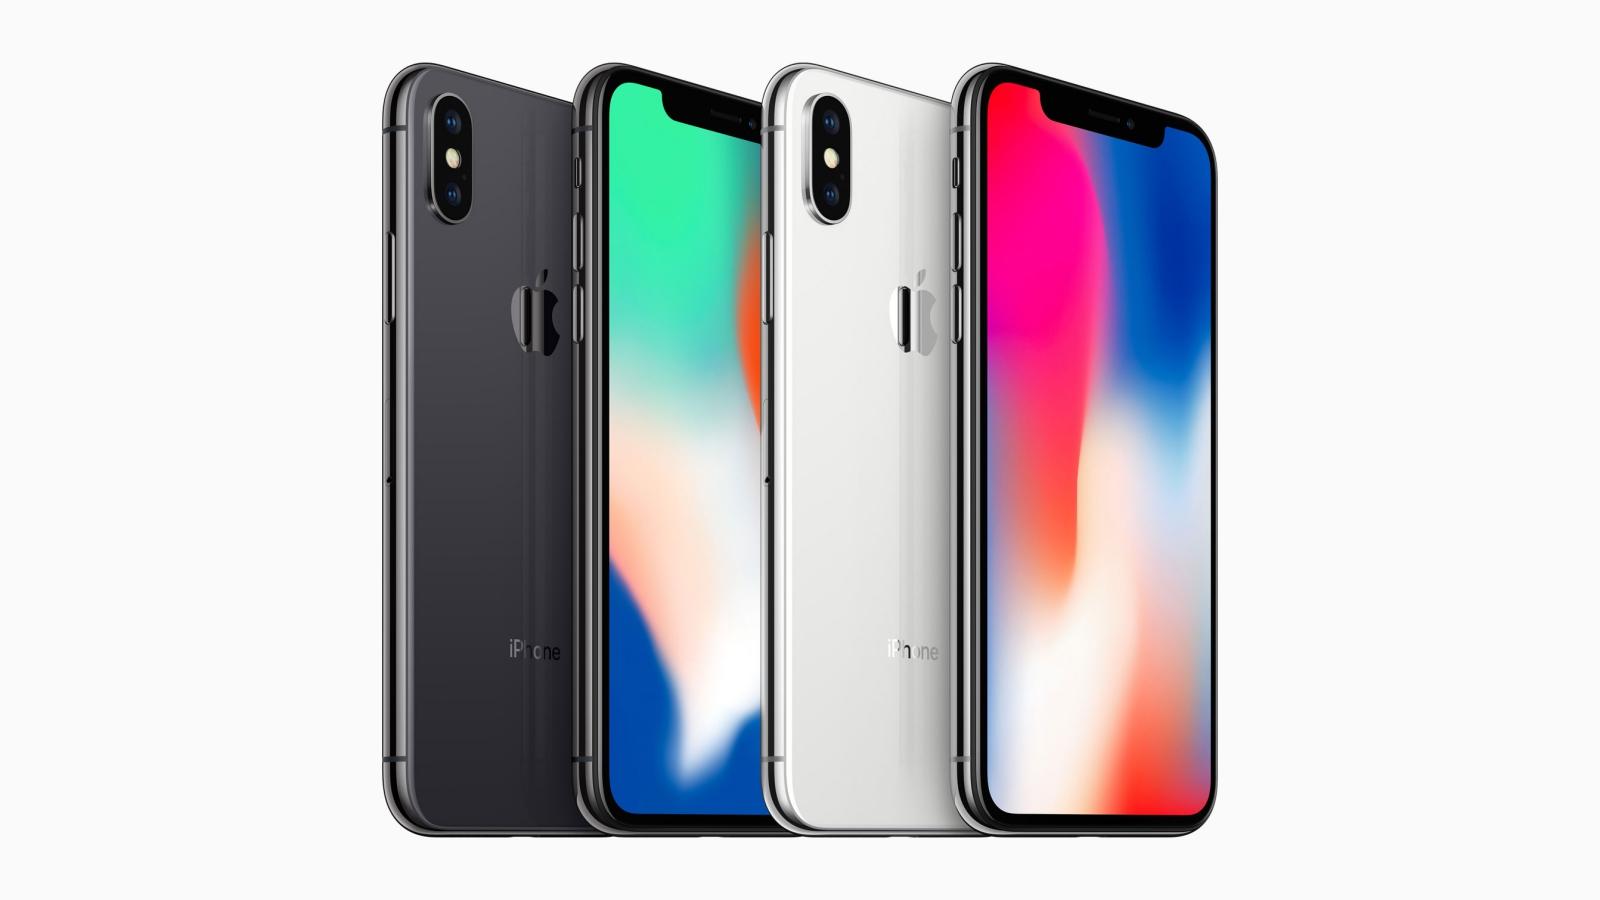 iPhone 2018, i due modelli più grandi nelle prime immagini thumbnail